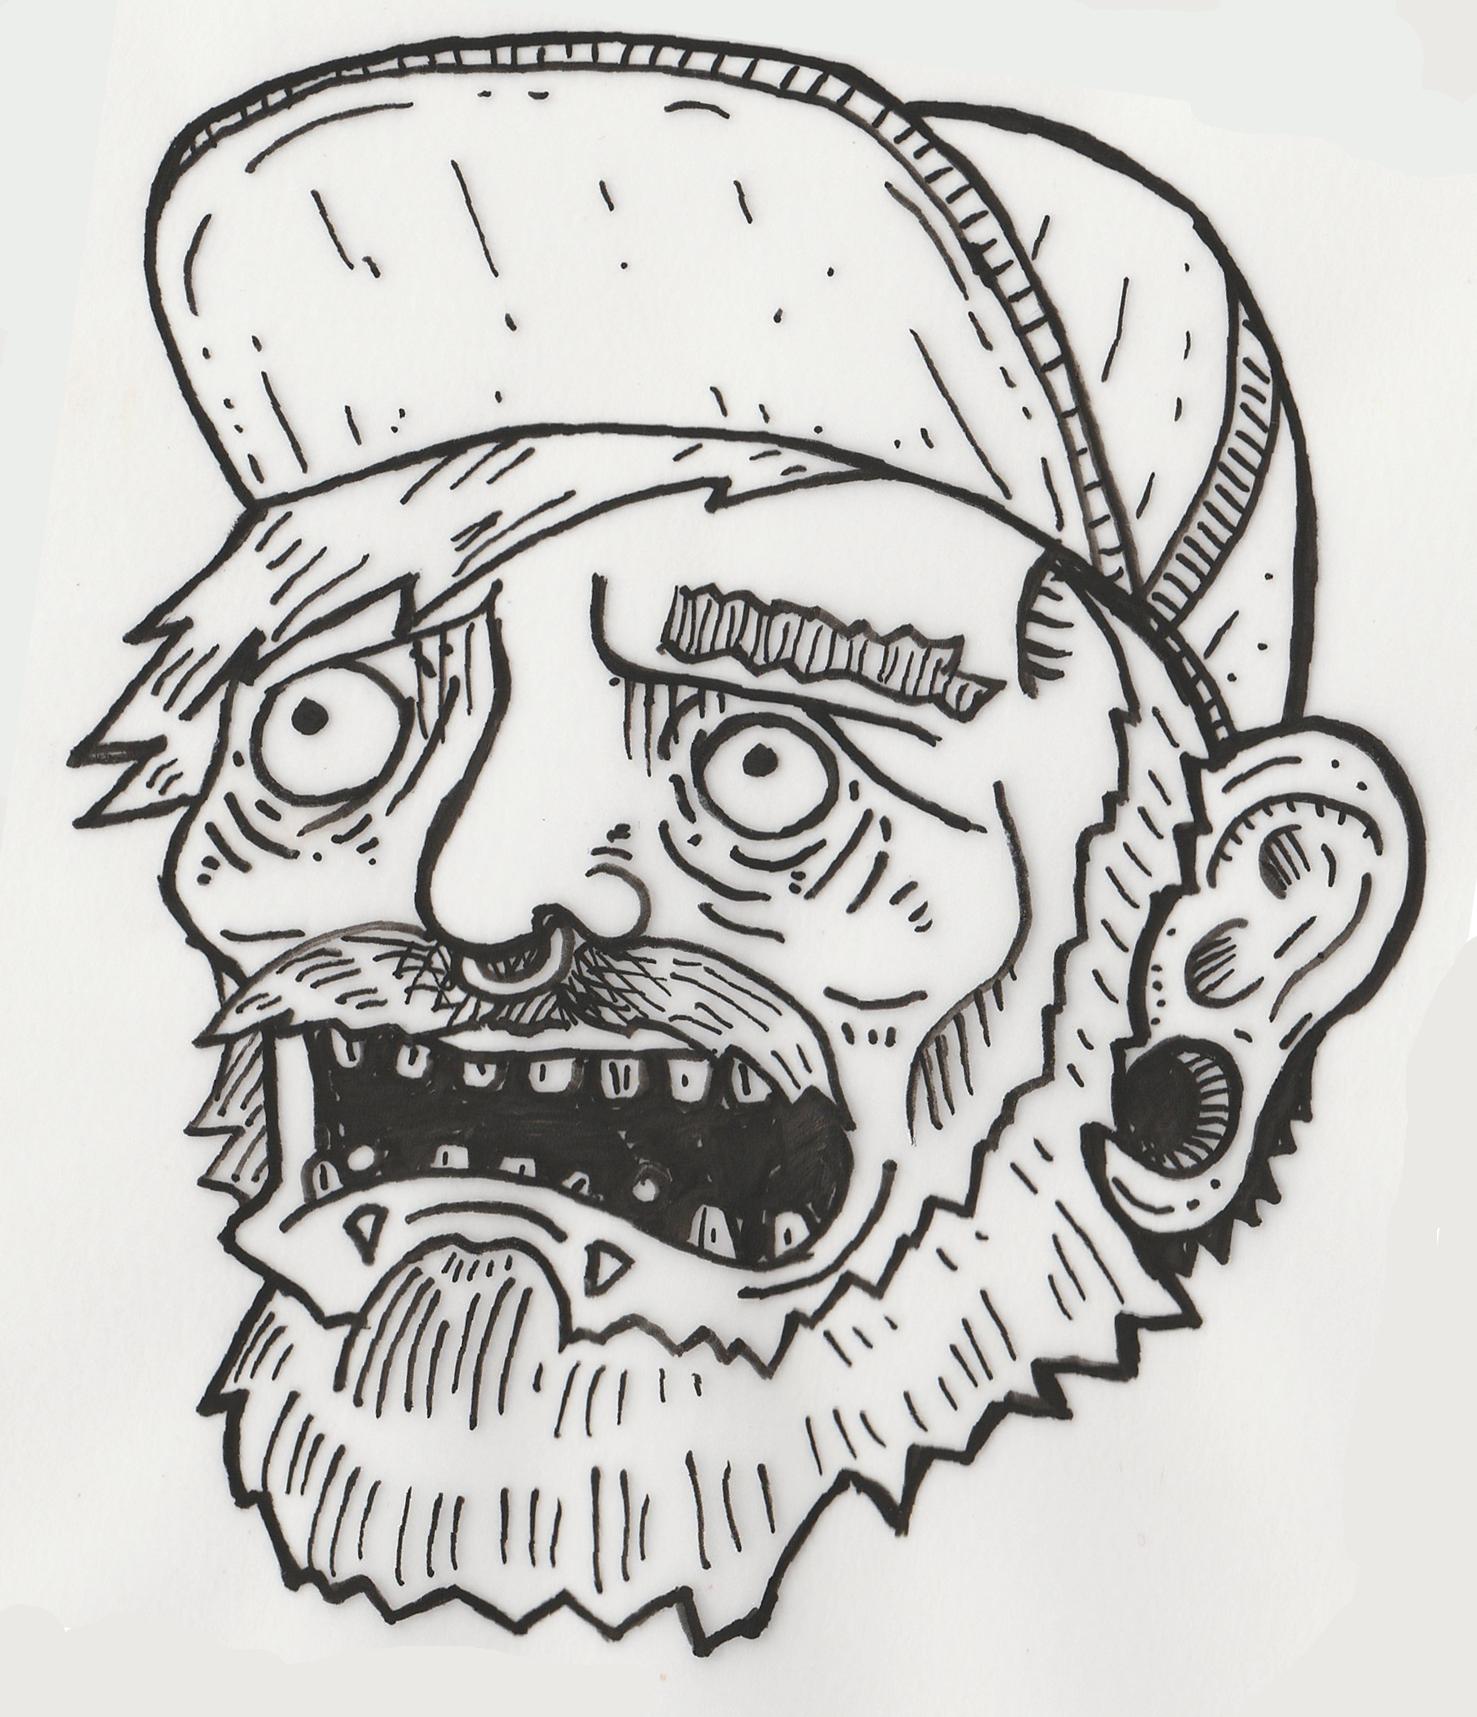 Illustrations - Horror/Skeletons